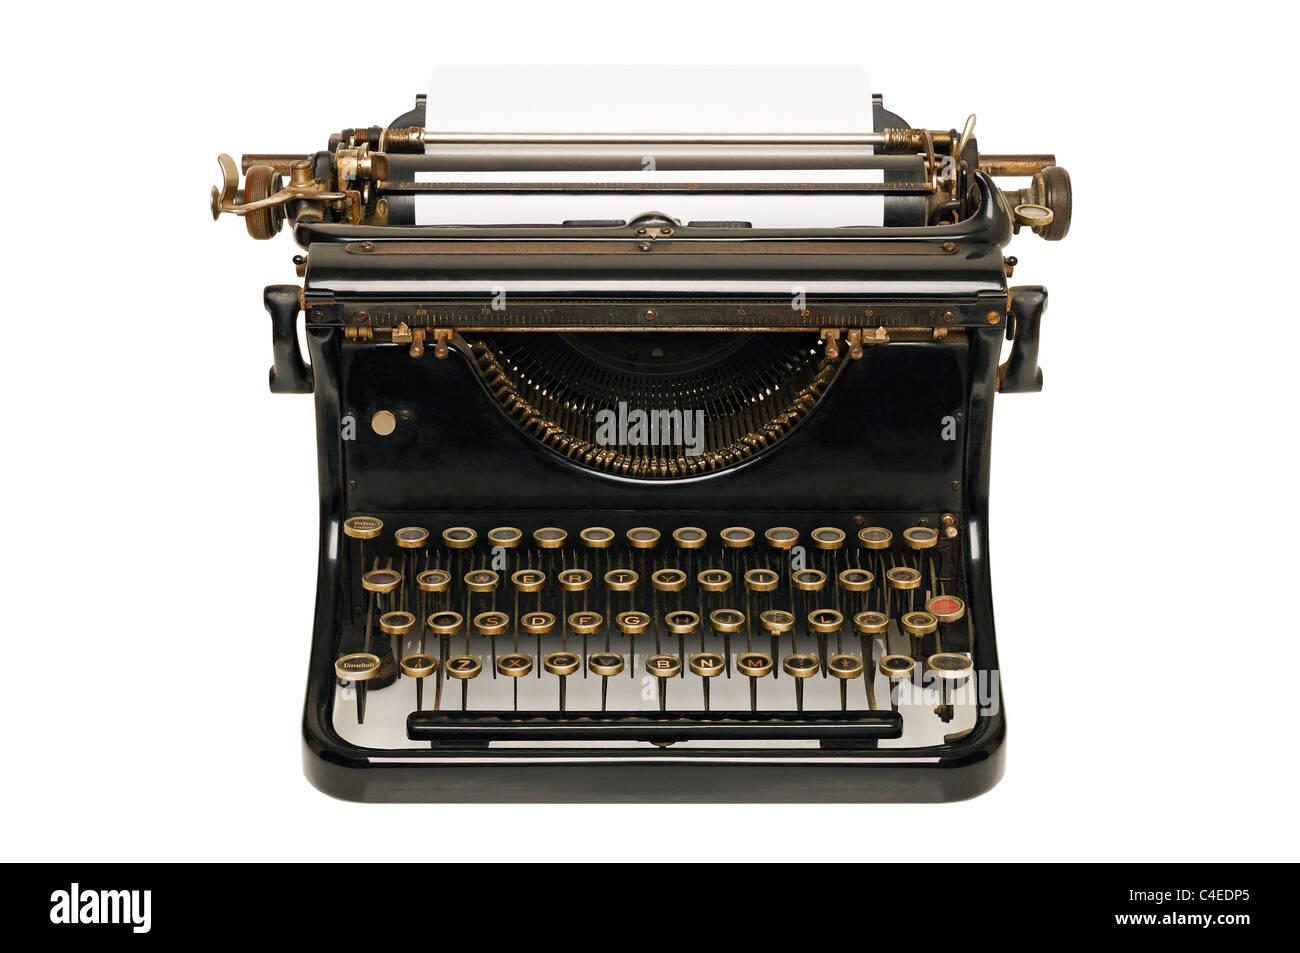 Typewriter, Cut Out. - Stock Image